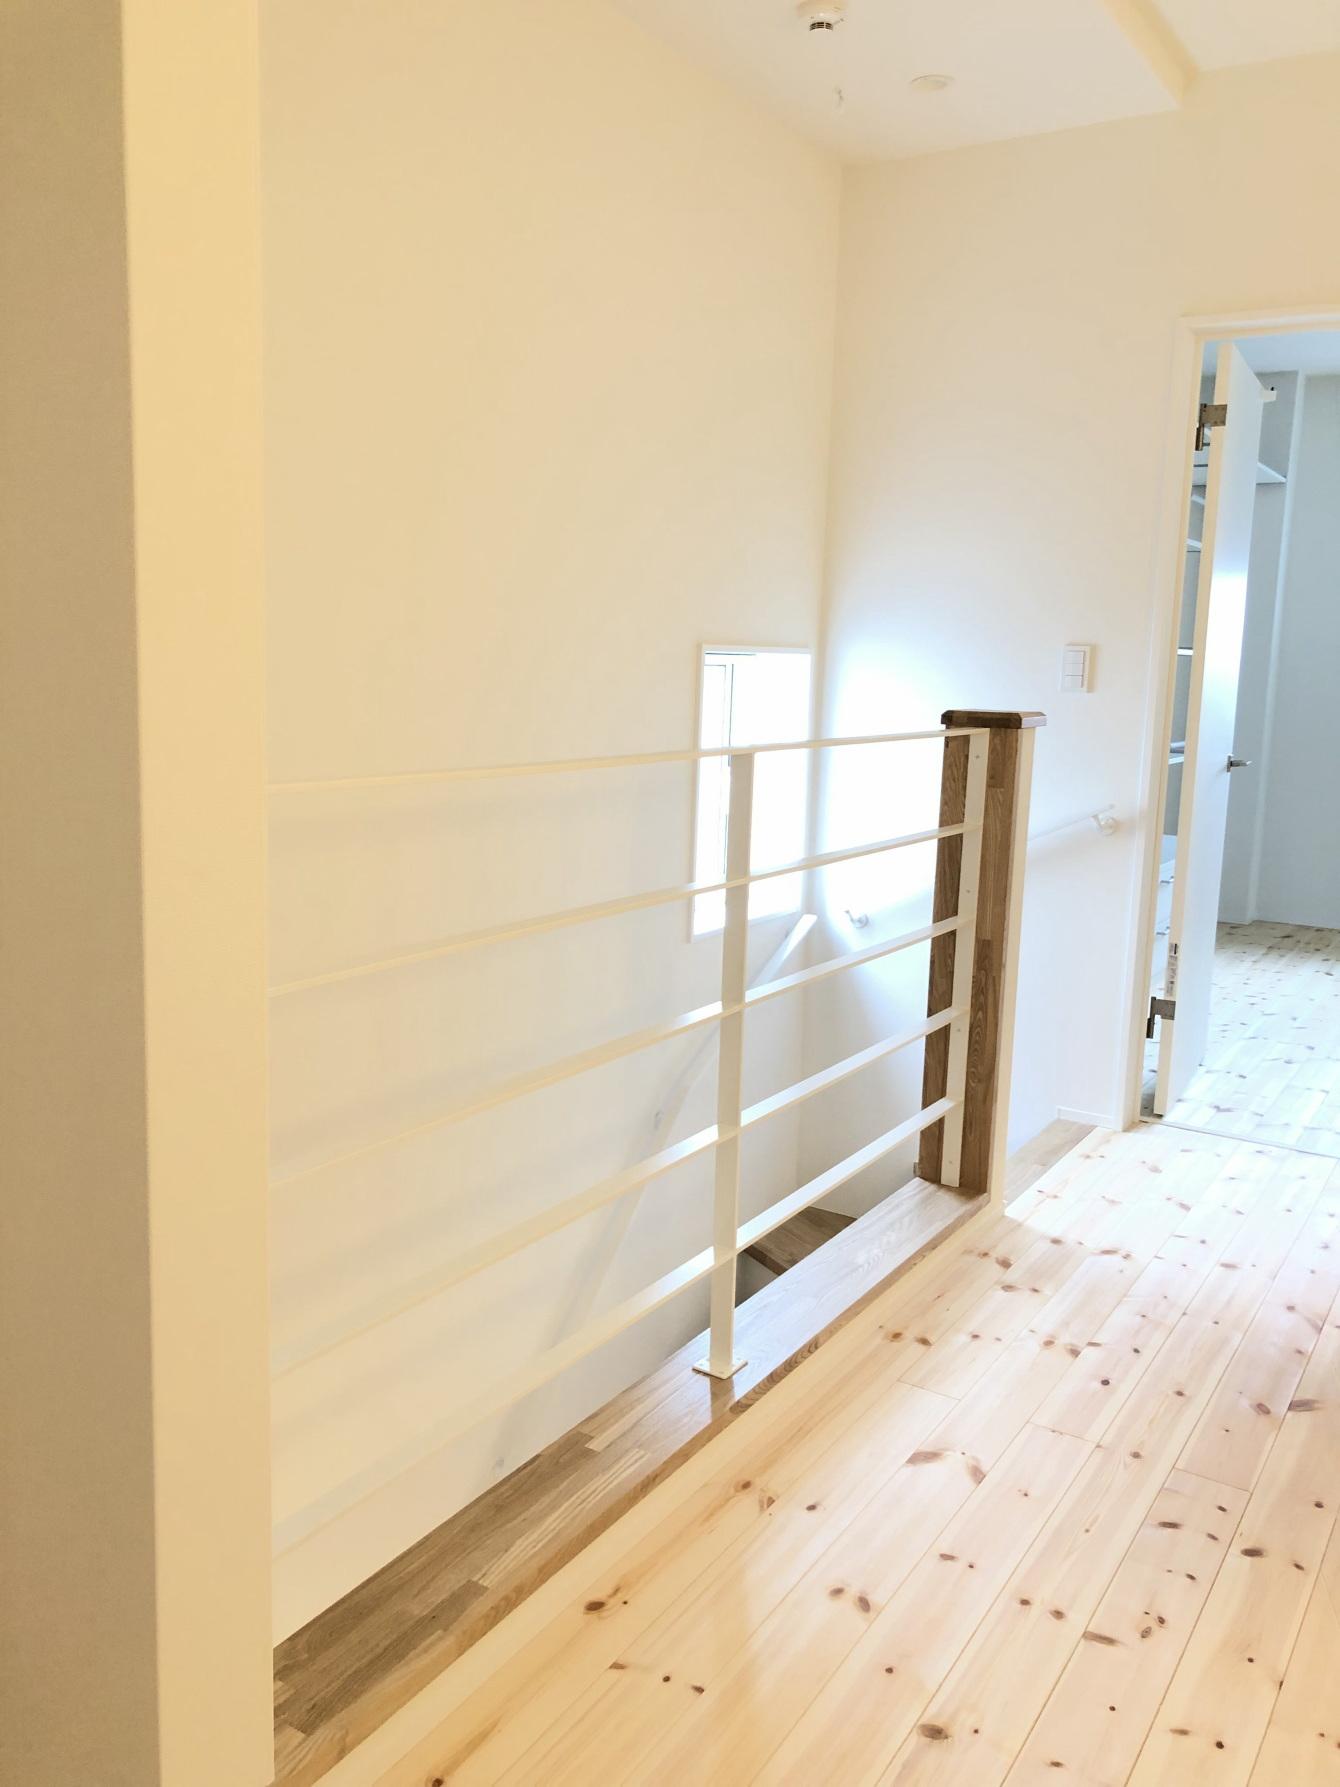 田村市の施工例、コンパクト&北欧デザインの家2階廊下から階段